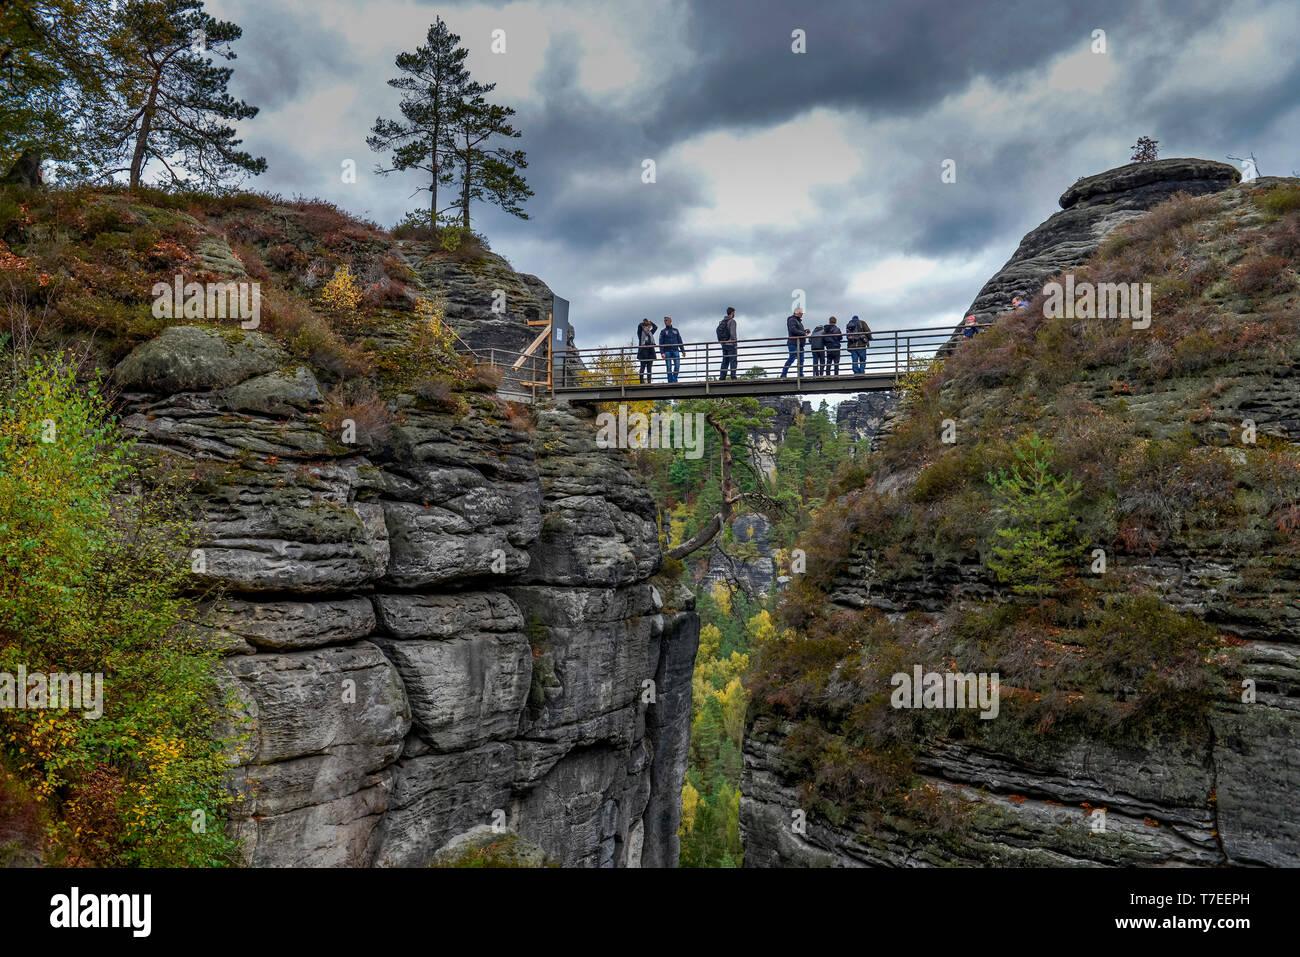 Burgruine Neurathen, Rathen, Nationalpark Saechsische Schweiz, Sachsen, Deutschland Stock Photo